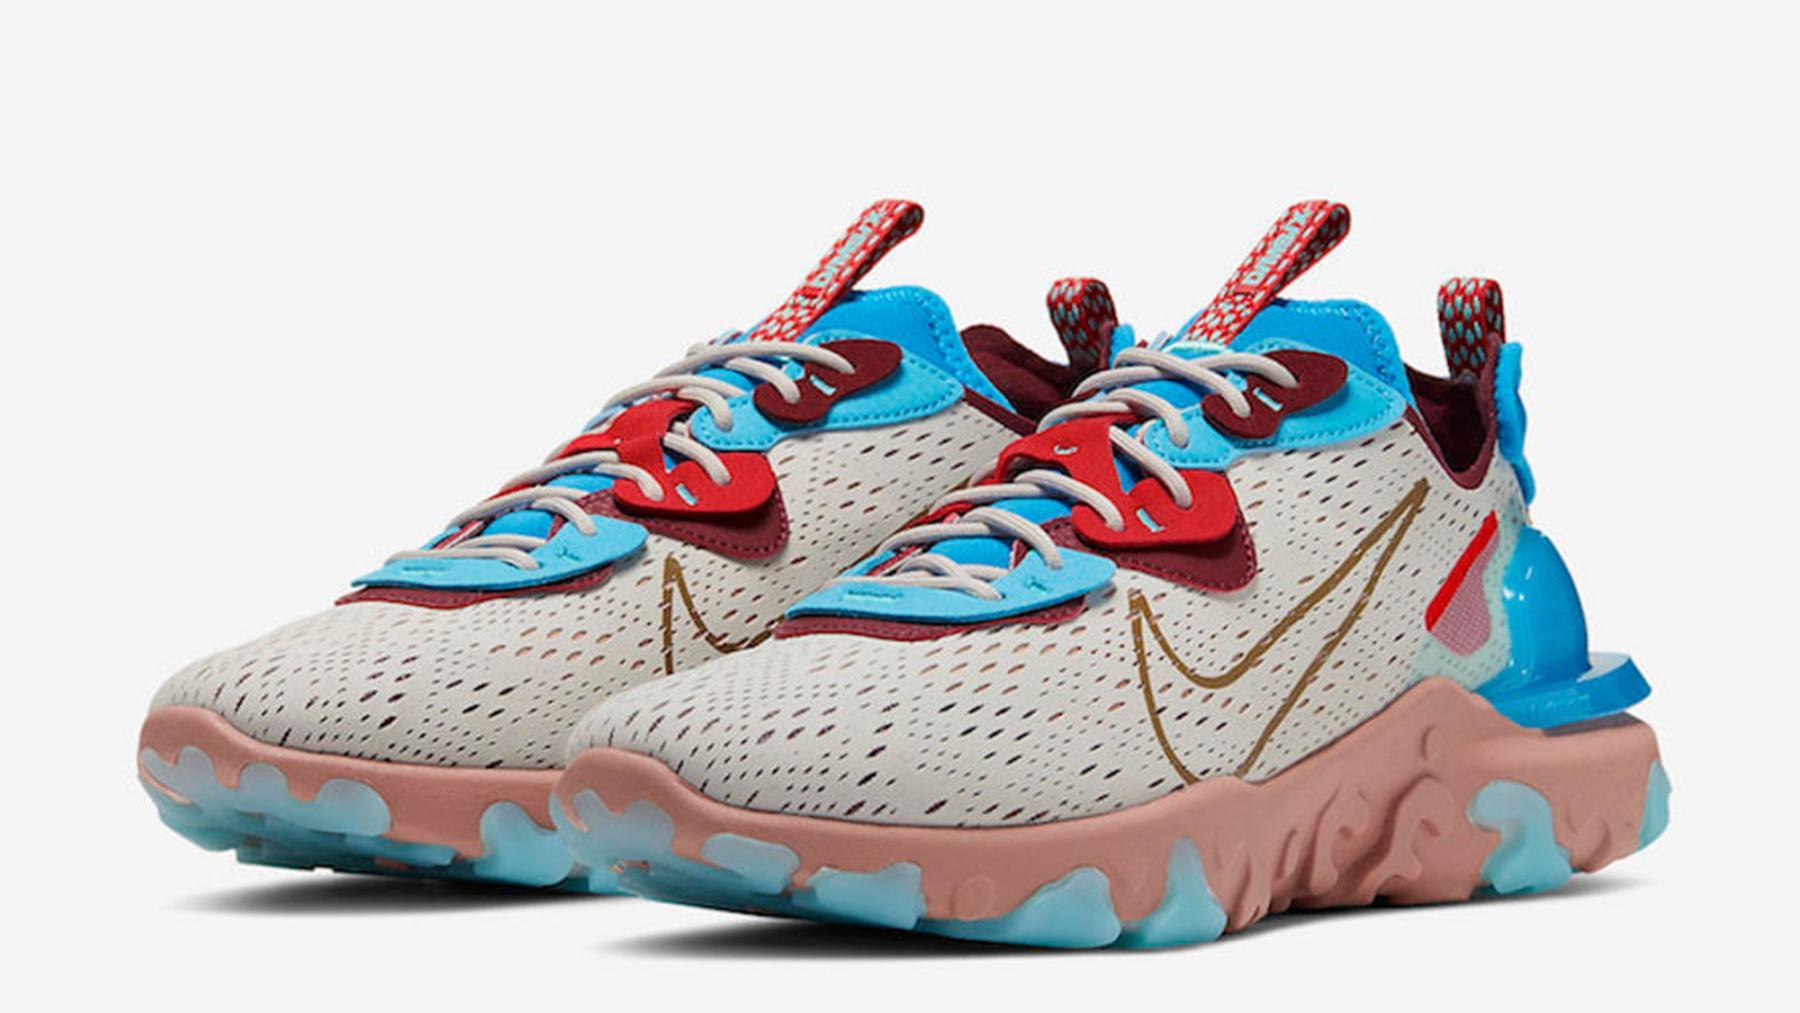 نمای کلی یک جفت کفش ورزشی جدید نایک دیزرت اوسیس Desert oasis